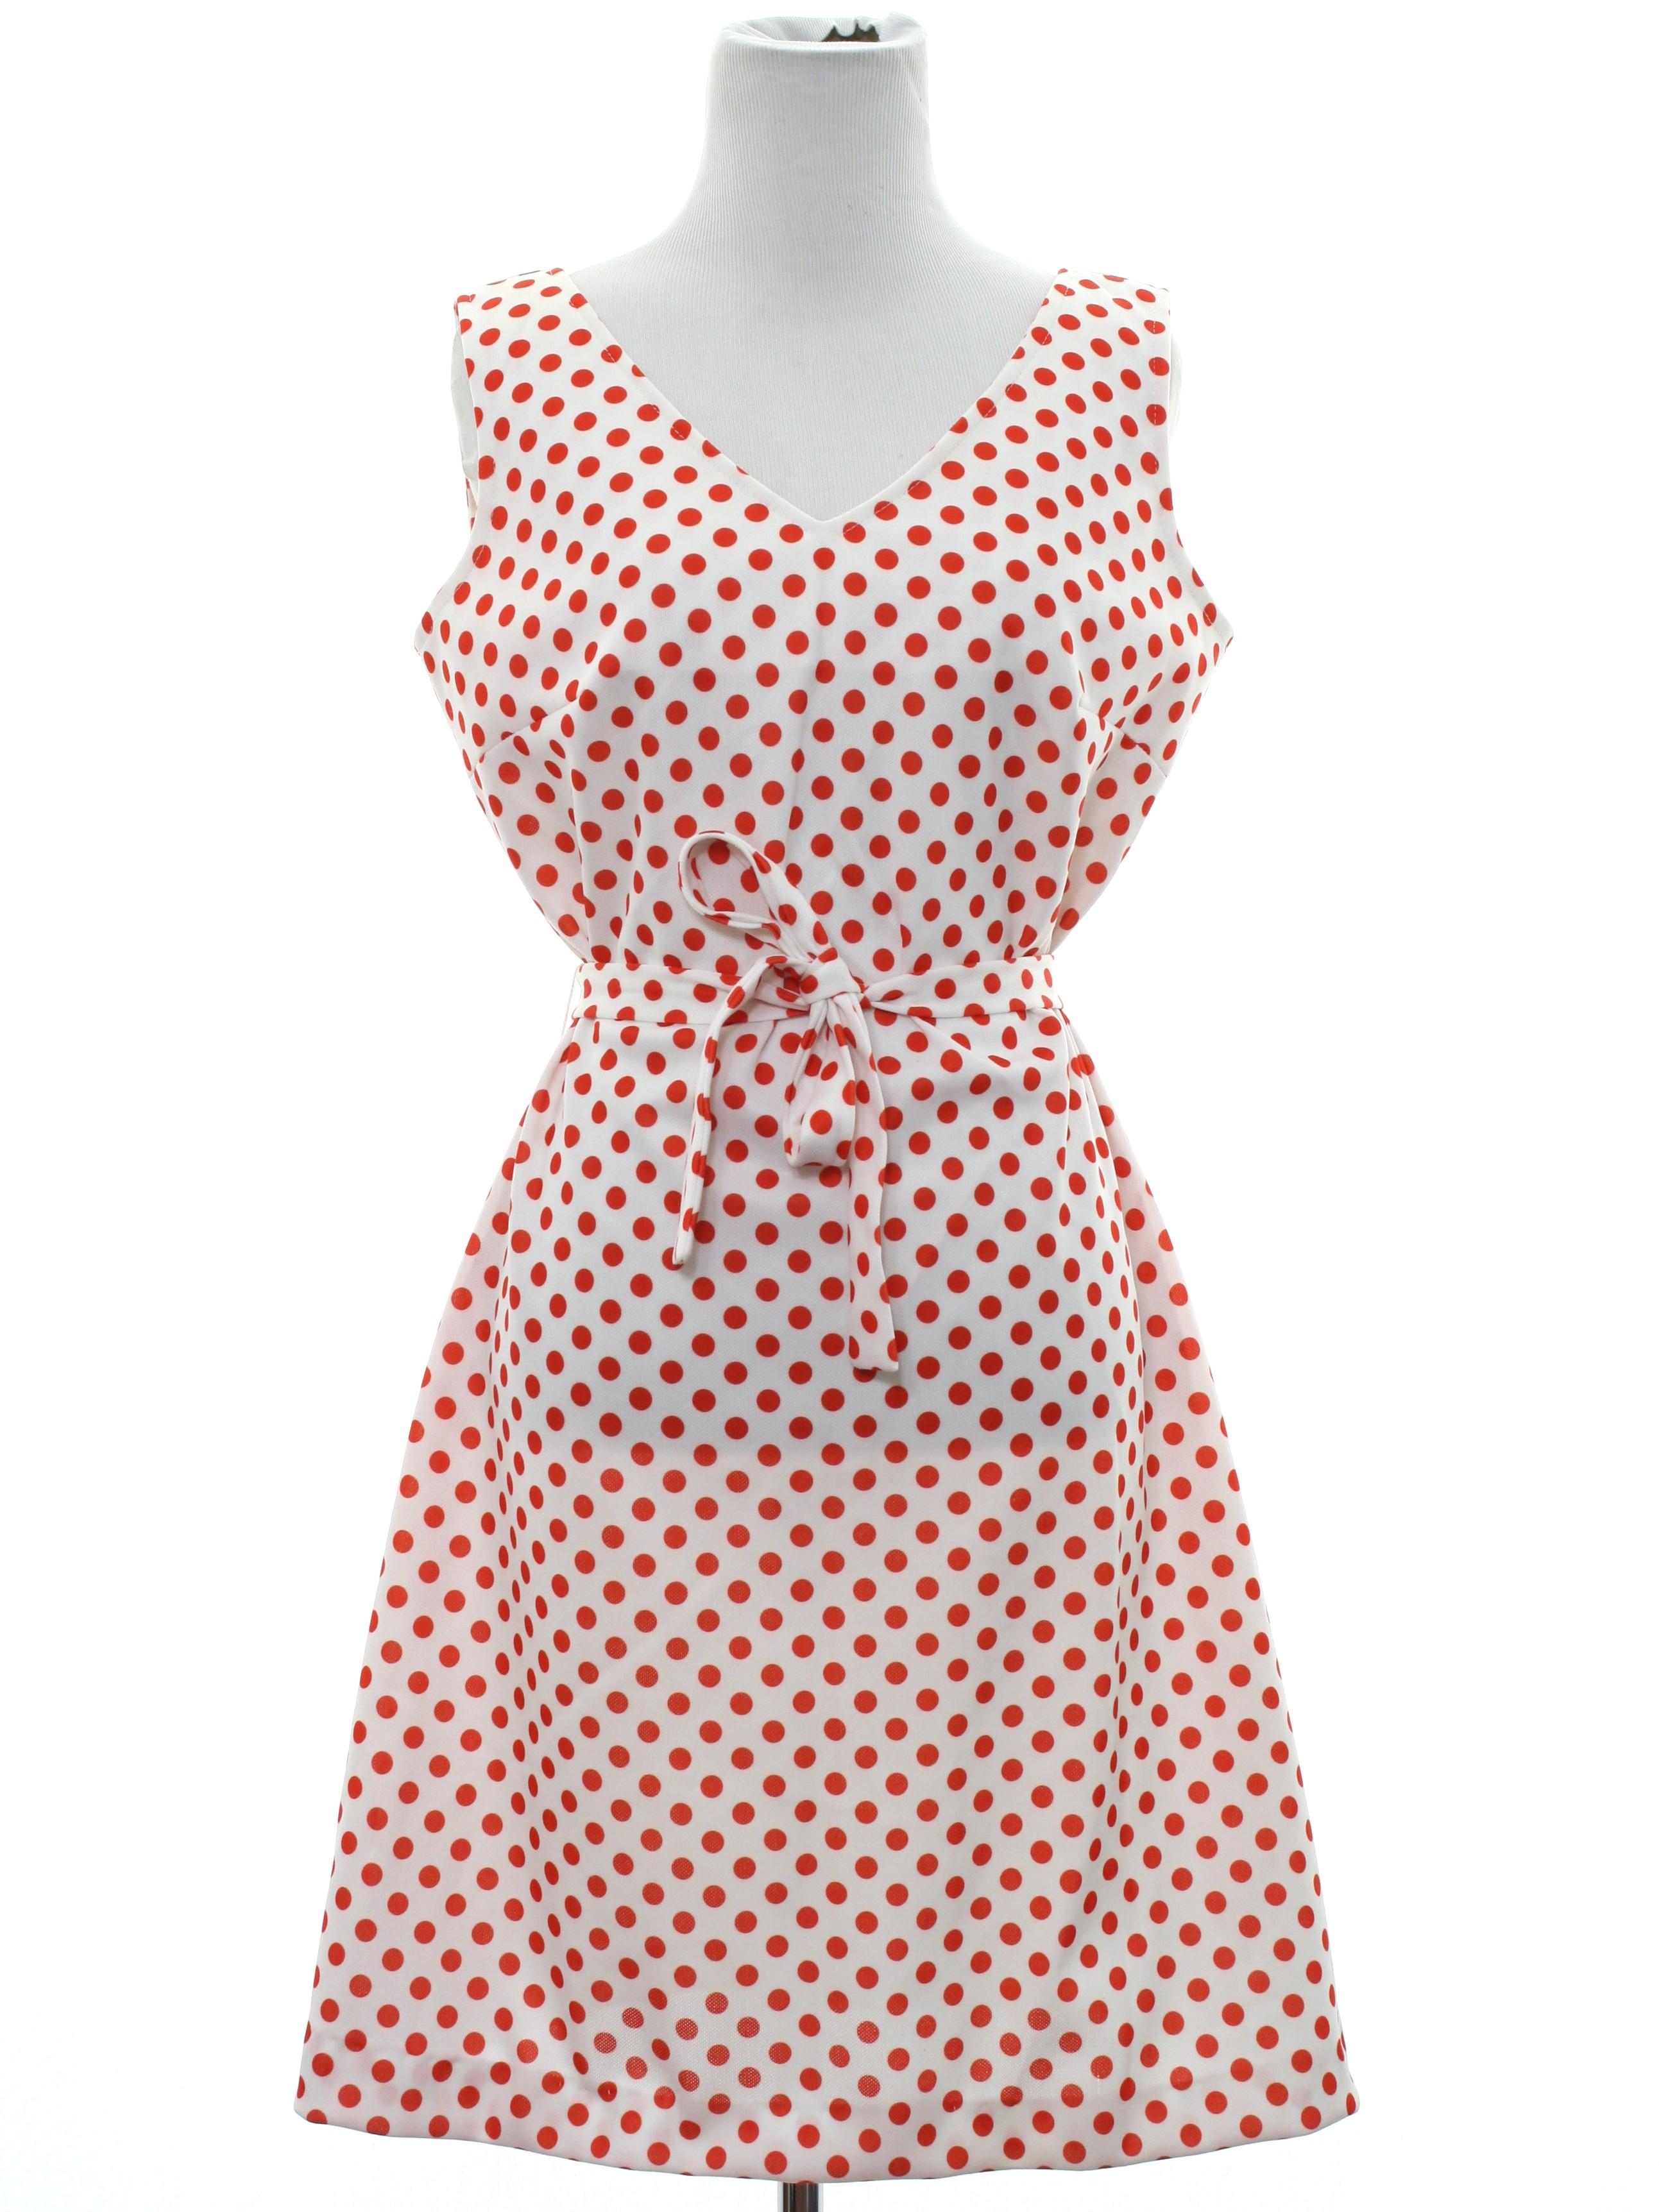 1970's Mod Knit Dress